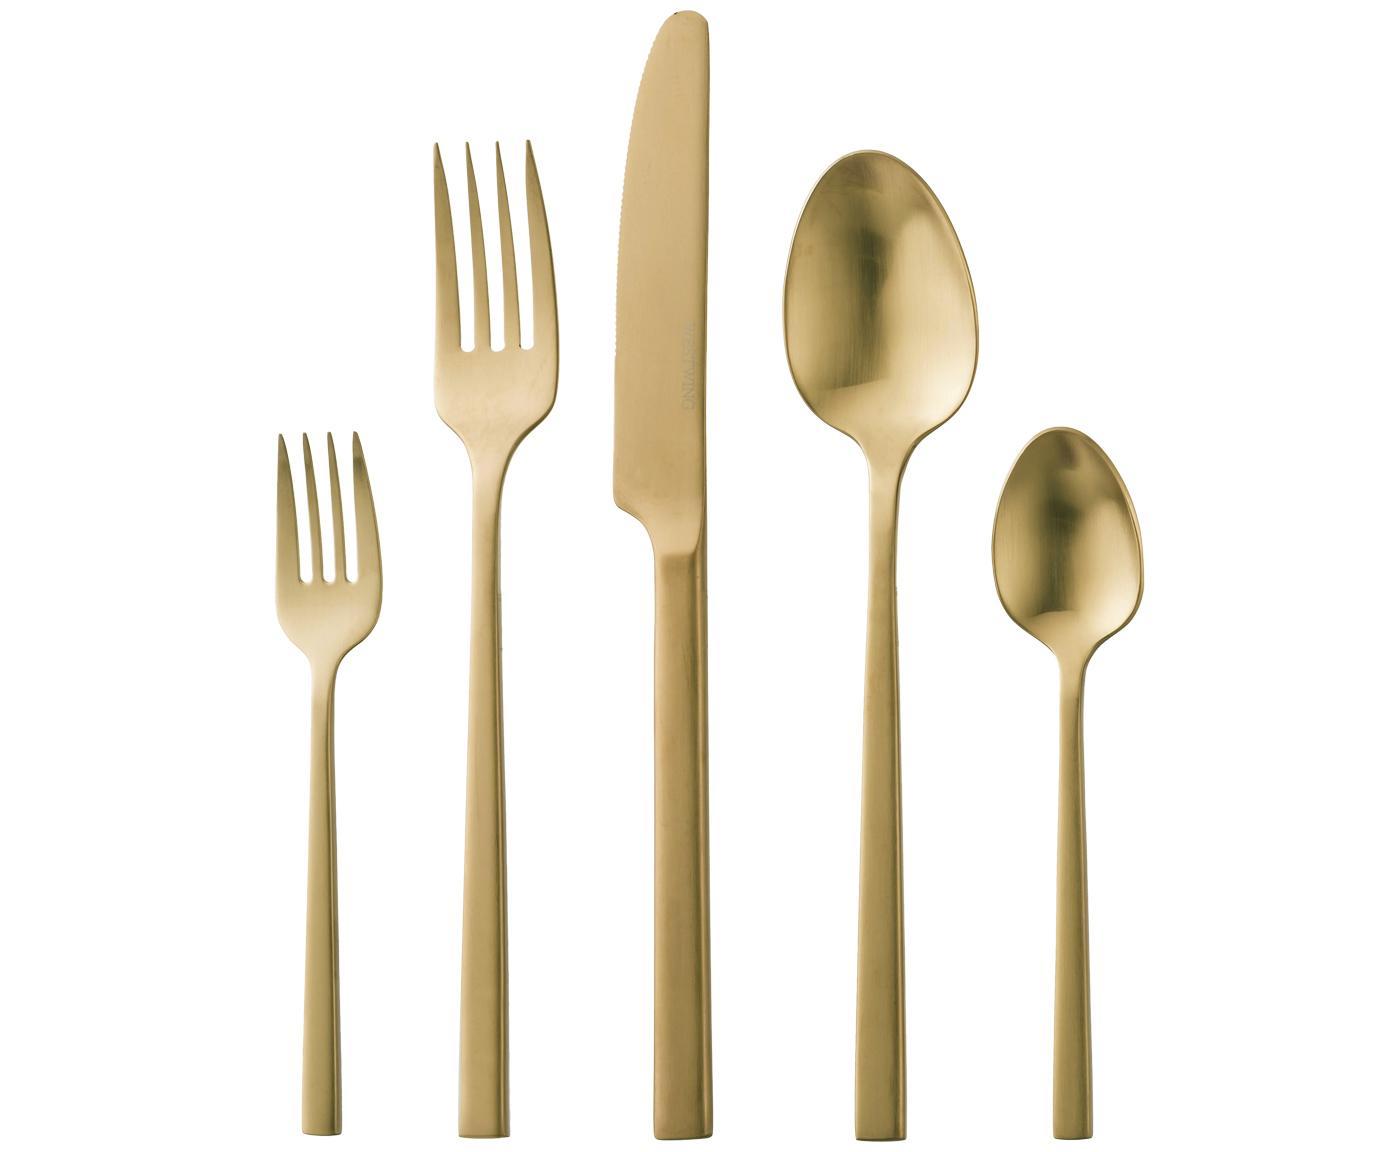 Goldfarbenes Besteck-Set Shine aus Edelstahl, in verschiedenen Setgrößen, Messer: Edelstahl 13/0, Goldfarben, 5-tlg.